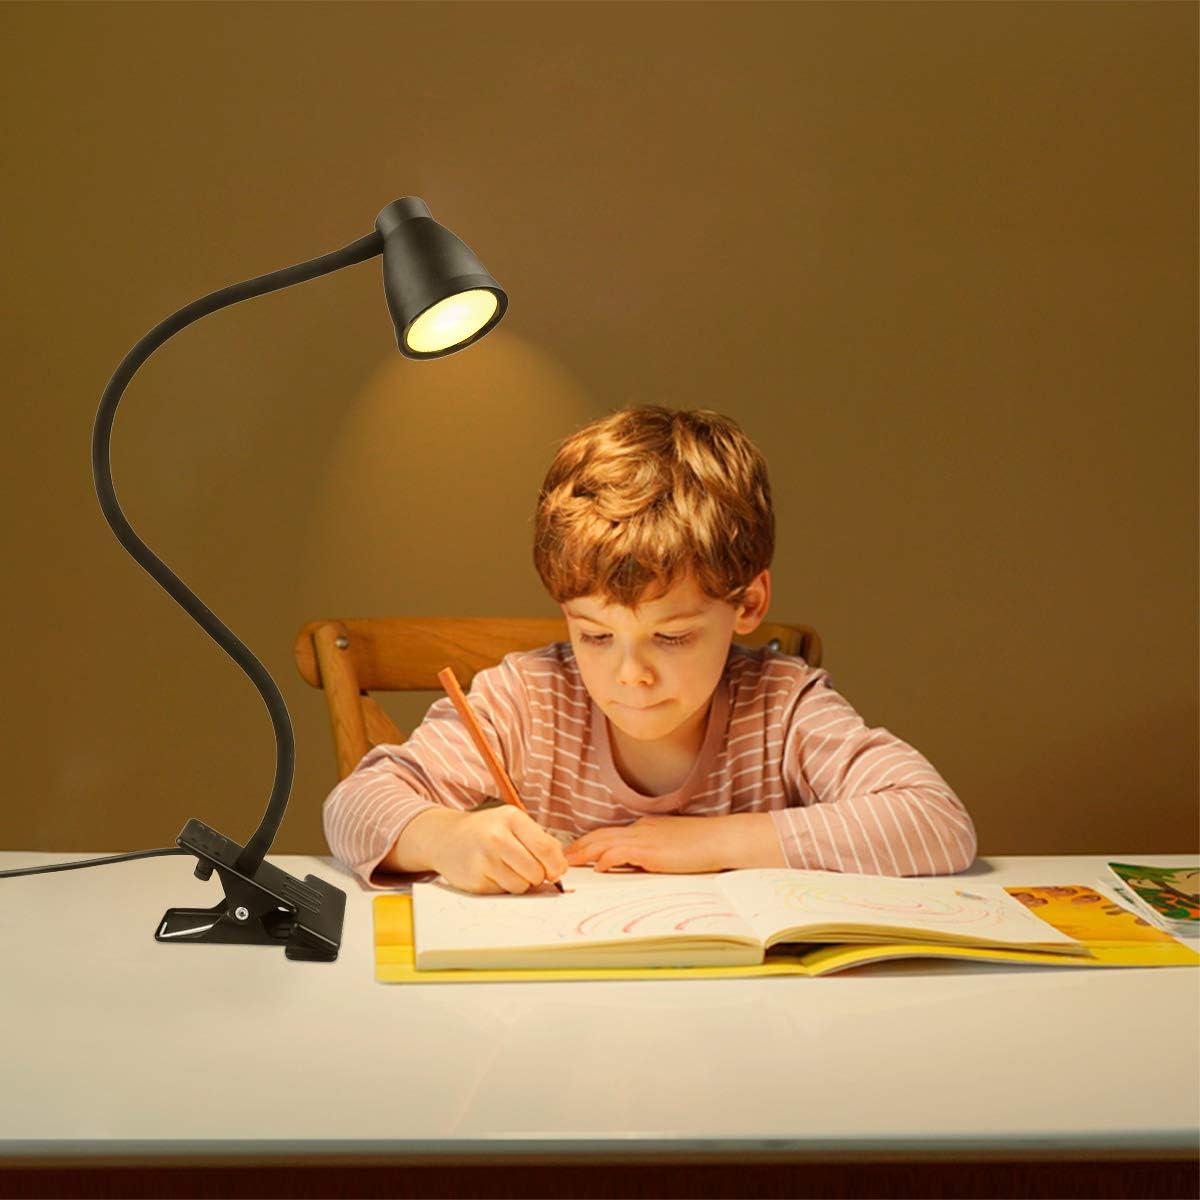 Lampe Clip LED Lampe Pour Enfants Eye-Care avec 3 Couleurs R/églables et une Luminosit/é Variable de 10 Pour la Lecture Lampes de Chevet et Lampes de Table Lampe de Bureau /à Pince